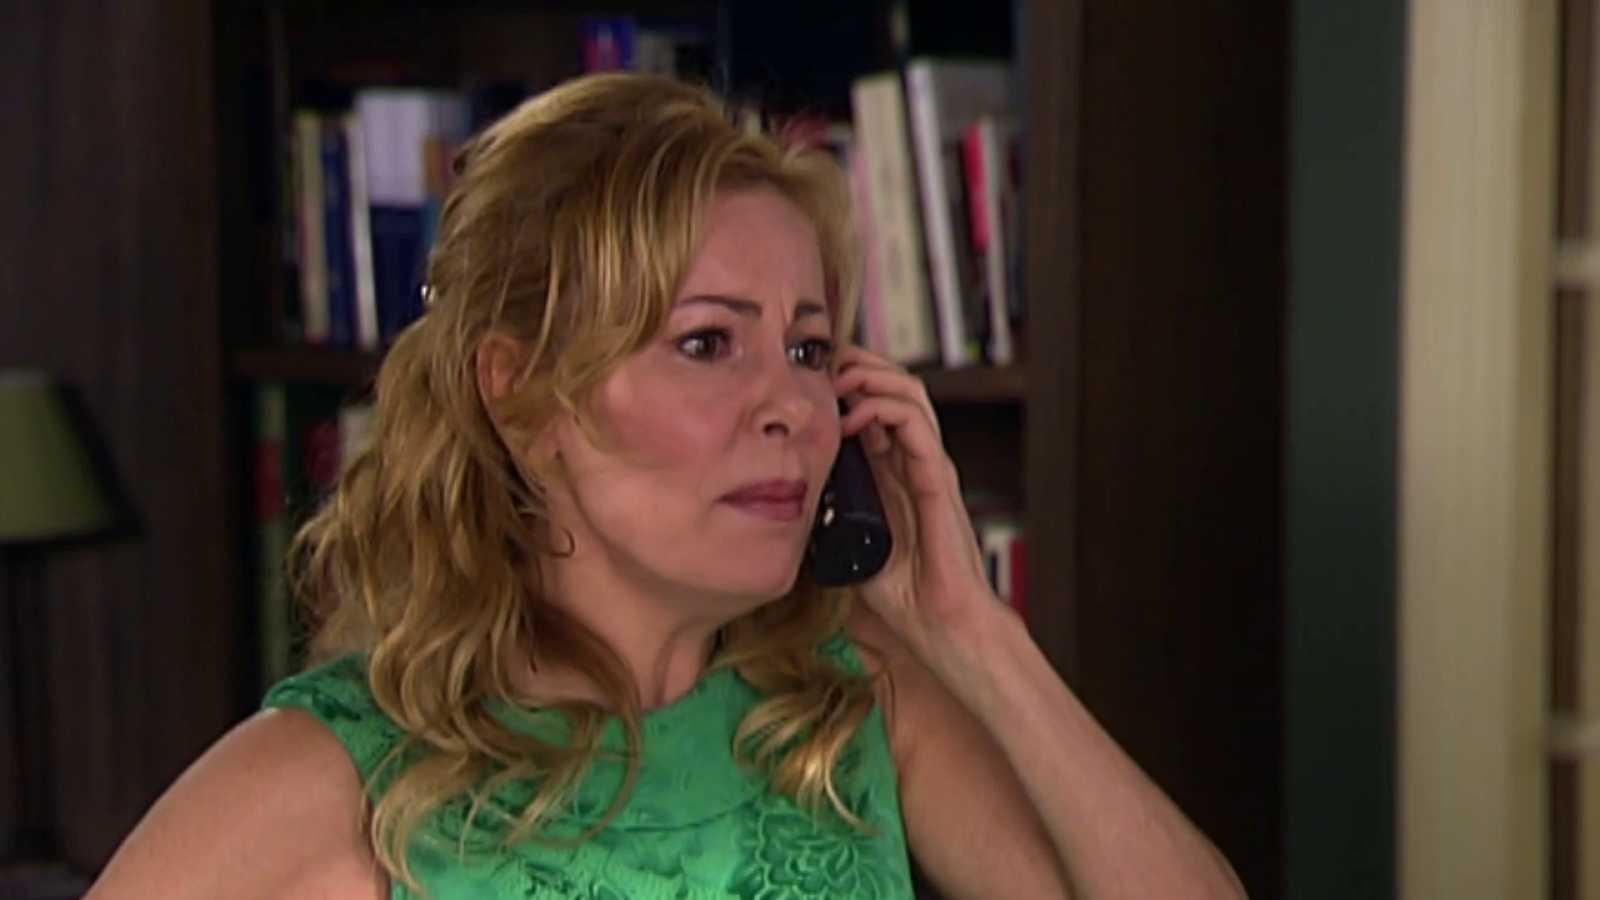 Ana y los siete - Episodio 80 - La fugitiva